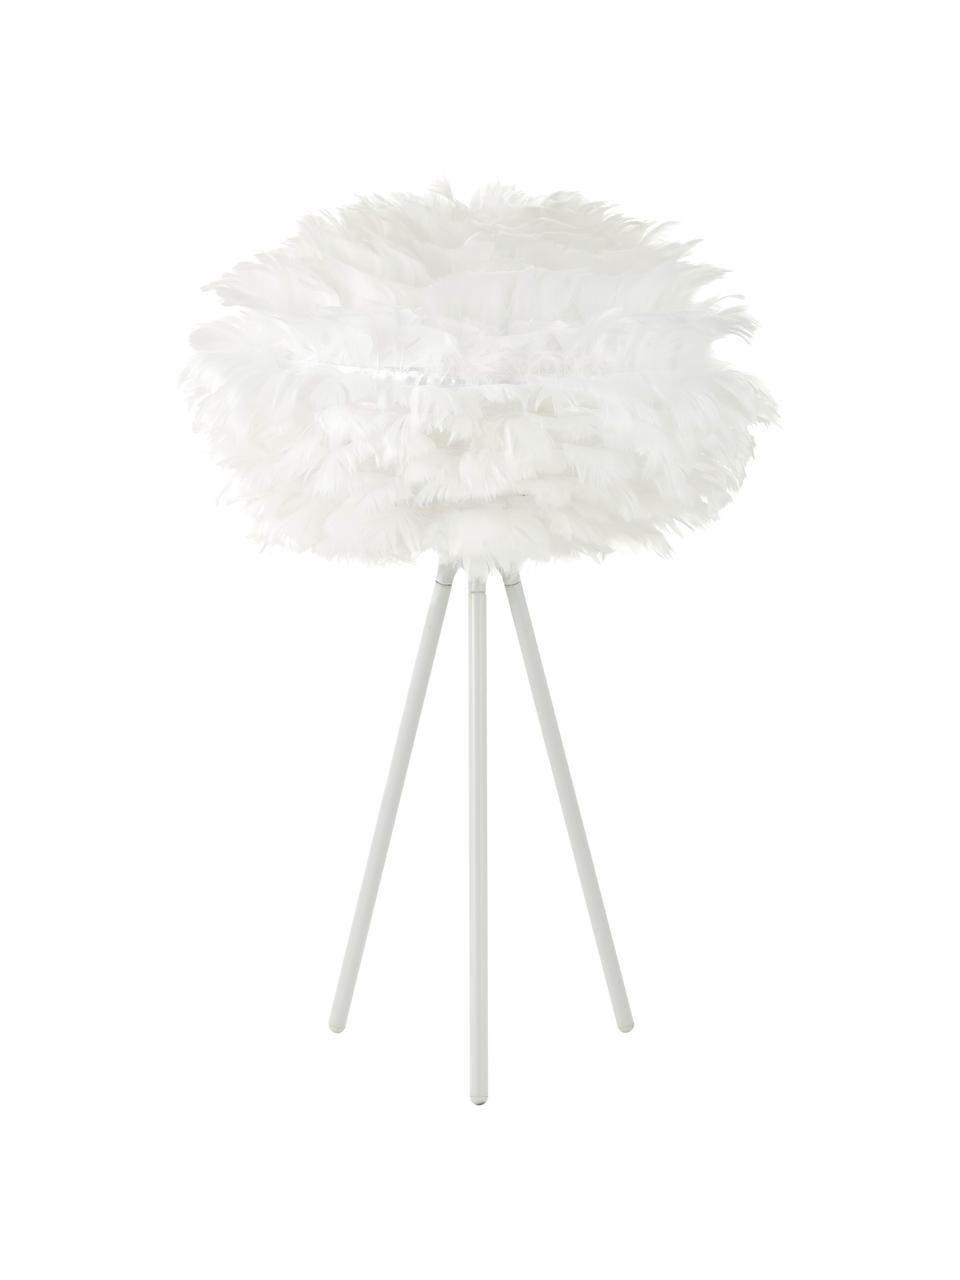 Lampa stołowa z piór Eos, Biały, Ø 35 x W 56 cm